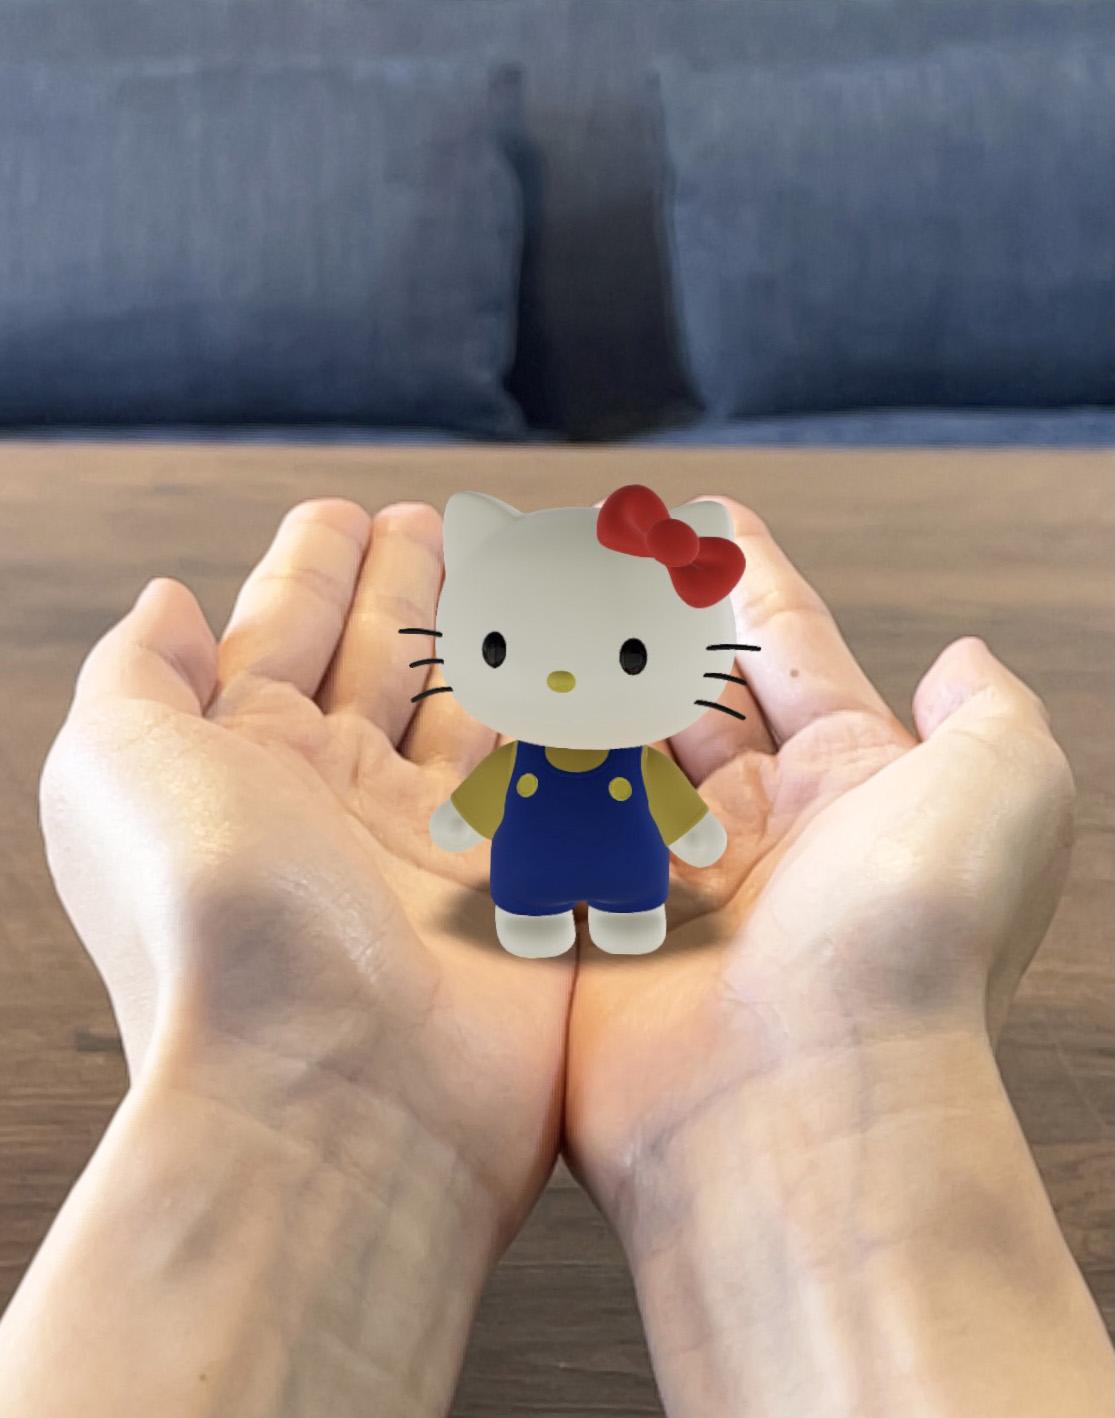 現実世界にキティやポムポムプリンが飛び出す!楽しみ方が無限大なサンリオキャラのAR機能で写真撮影